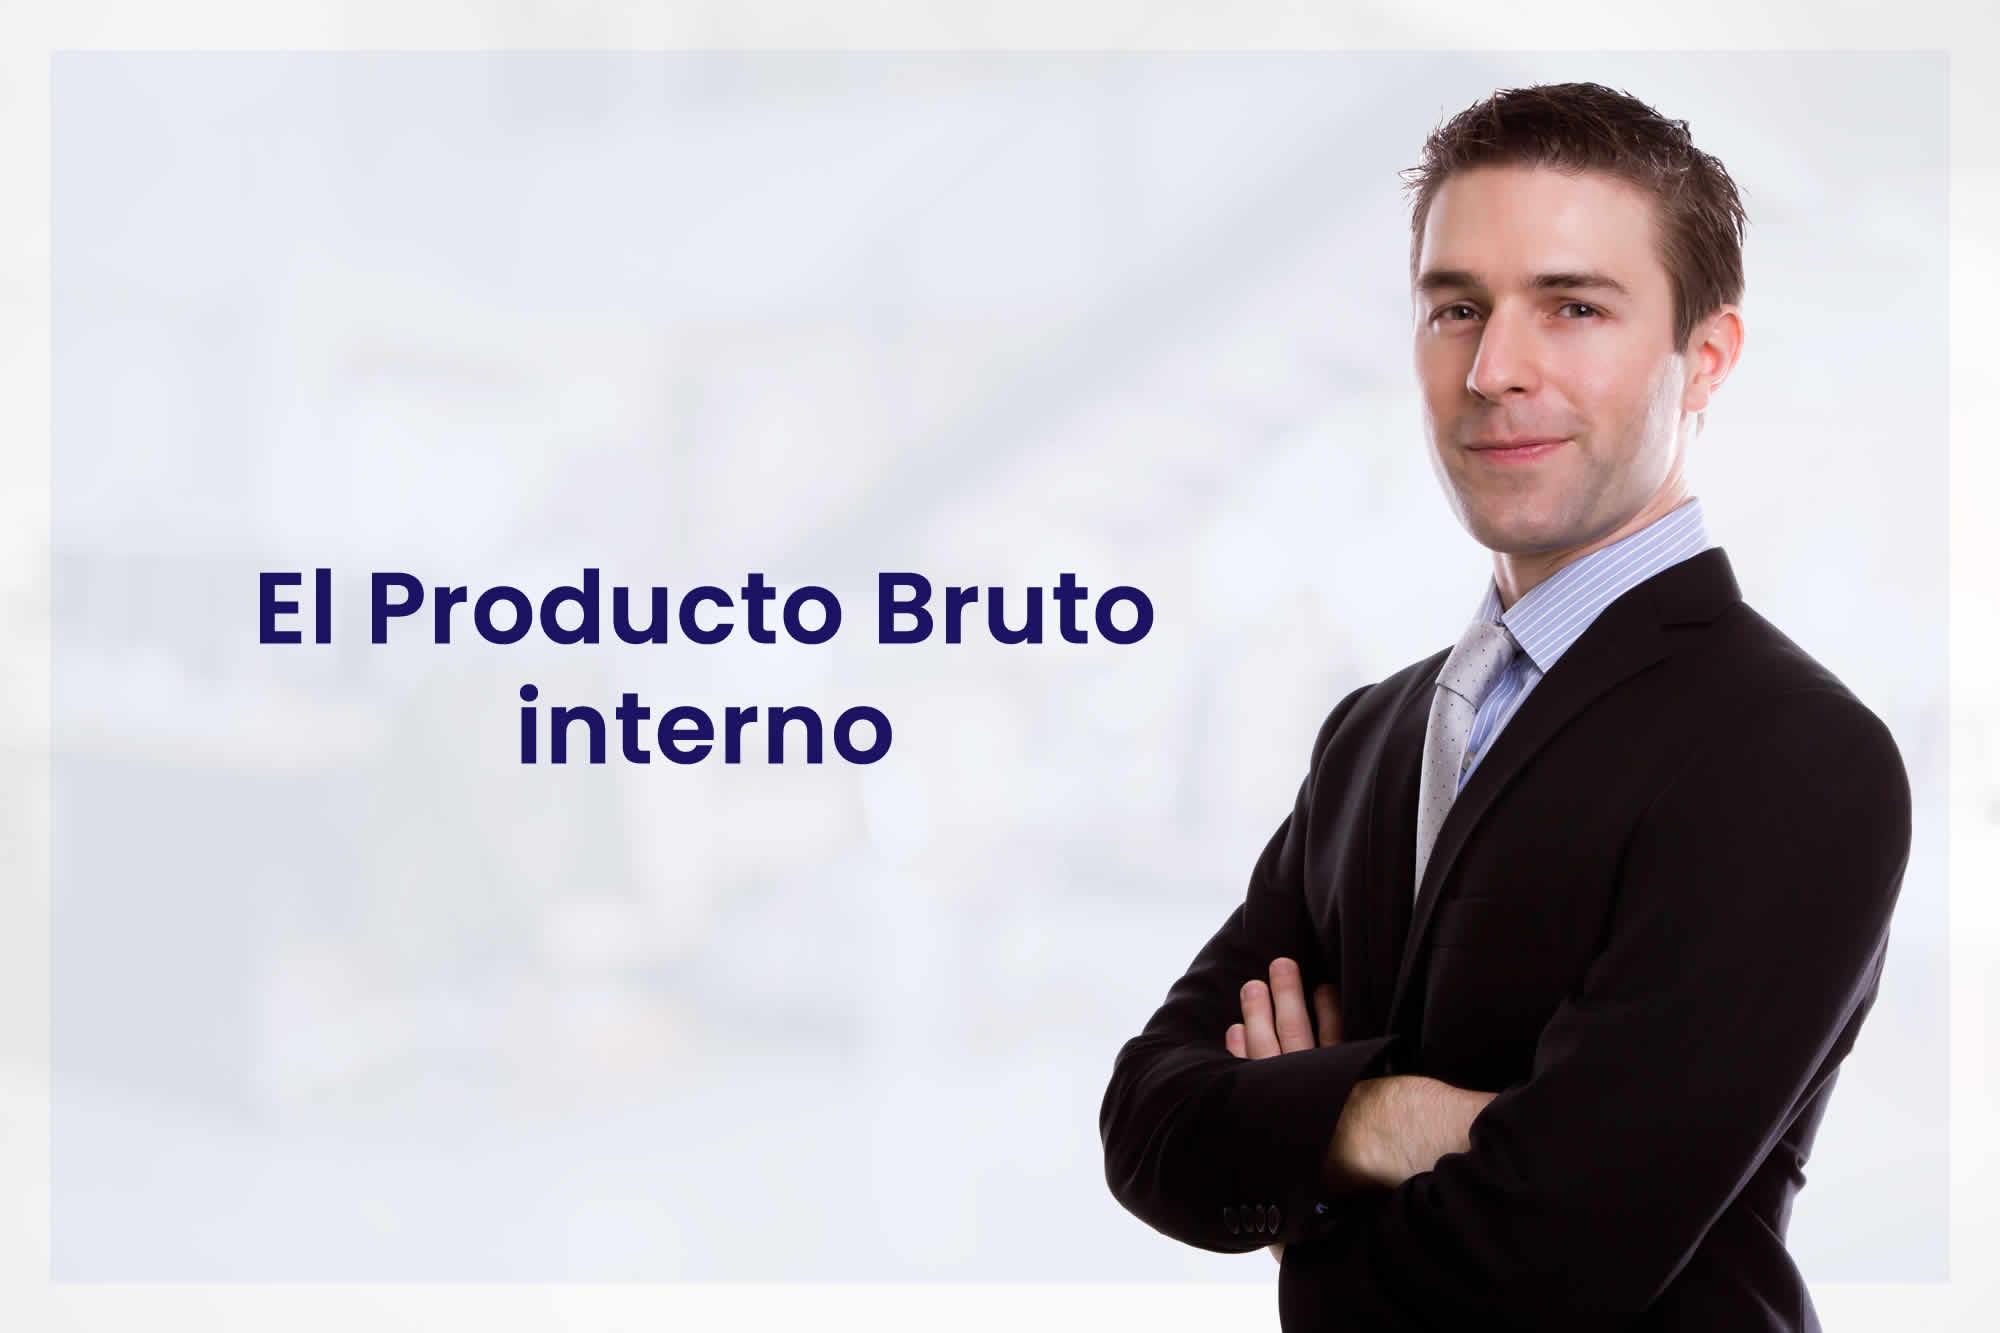 INKARIPERU | EL PRODUCTO BRUTO INTERNO